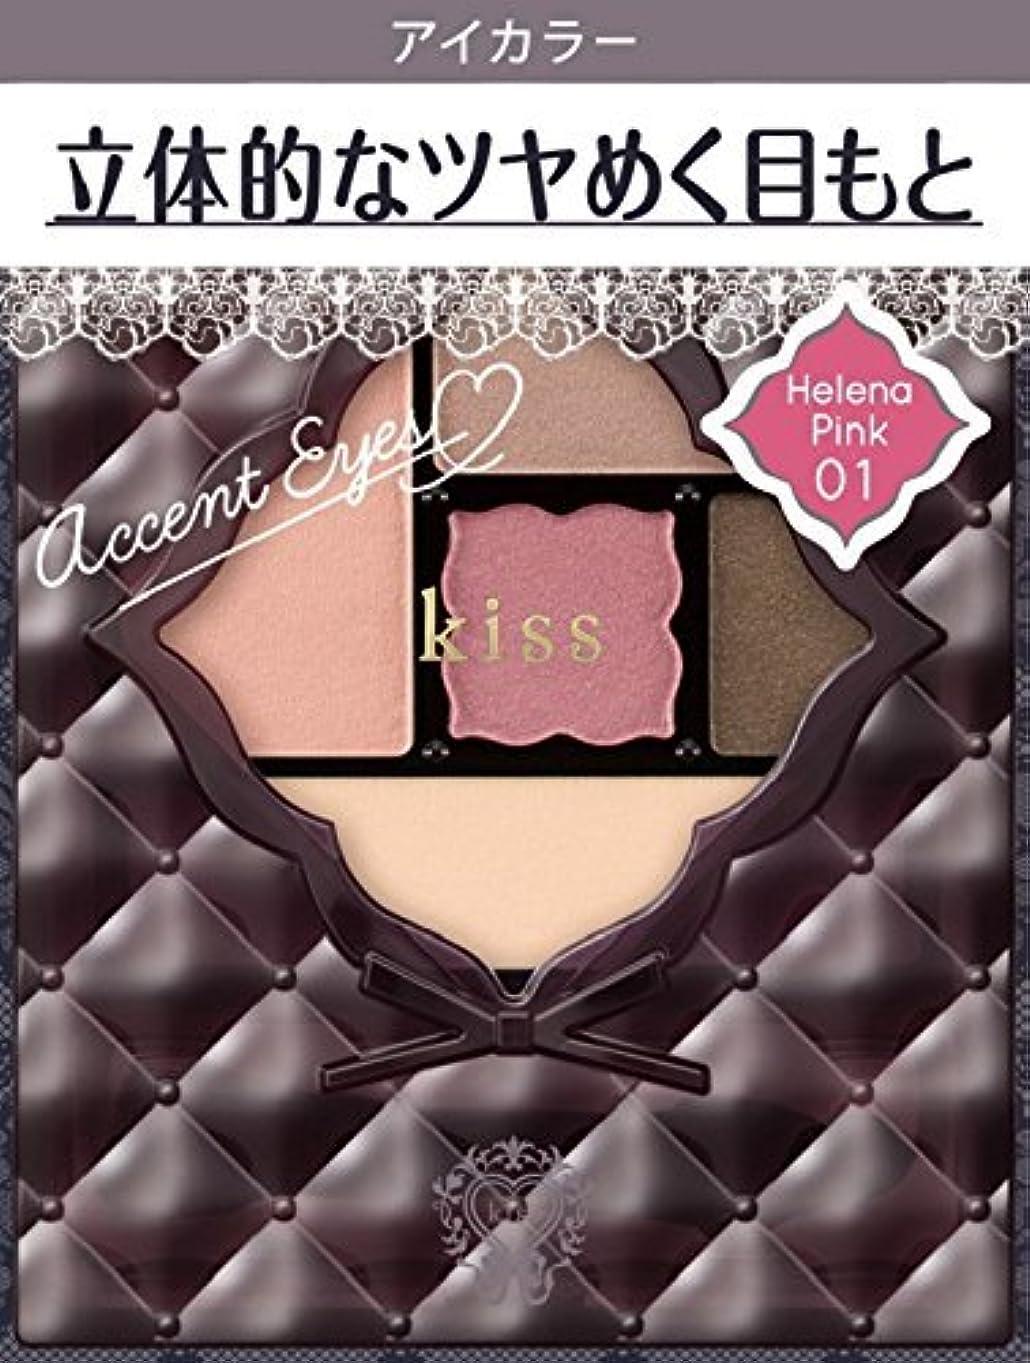 フルート枯渇曲キス アクセントアイズ01 ヘレネーピンク 3.5g